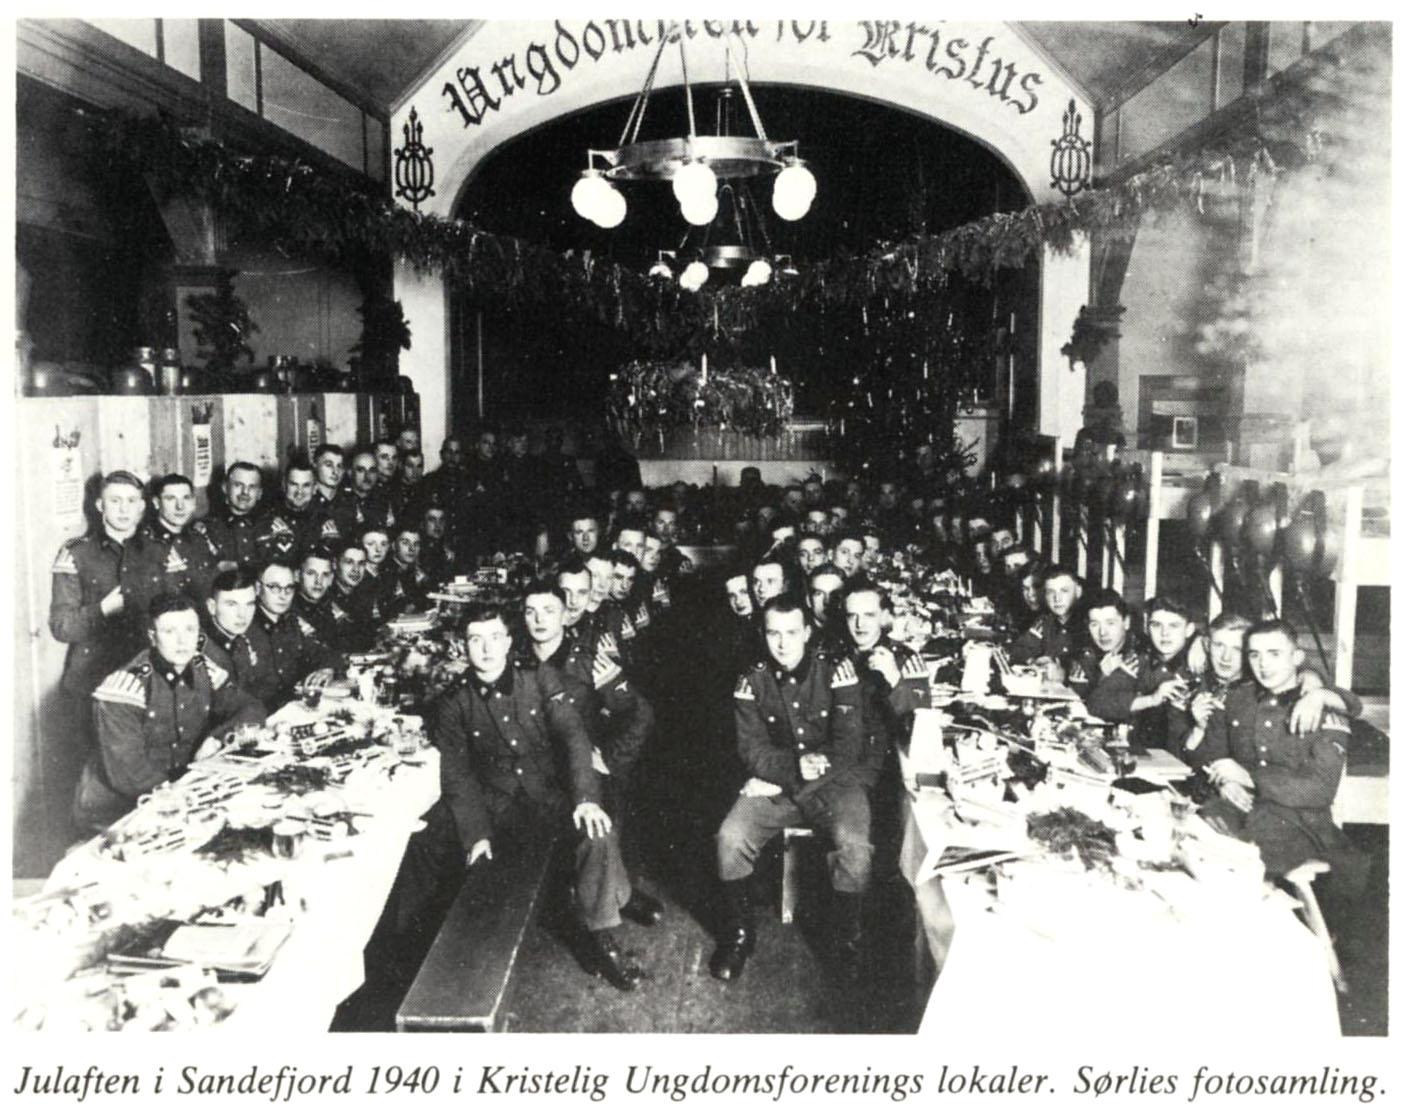 tyskernes okkupasjon av norge